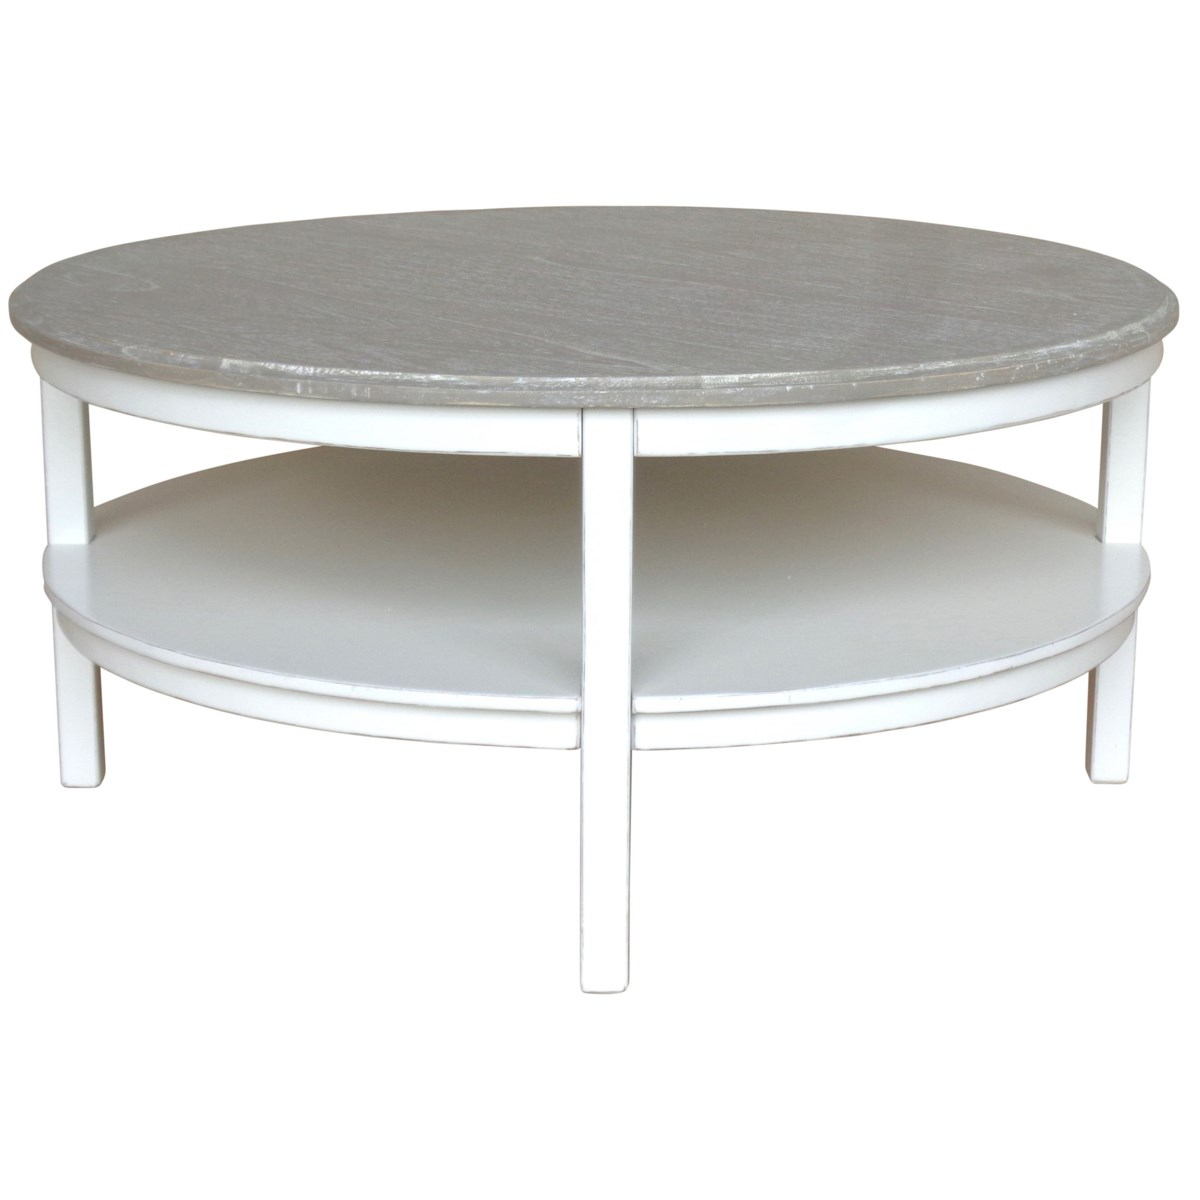 STUDIO ROUND COCKTAIL TABLE -  WHT/RW+